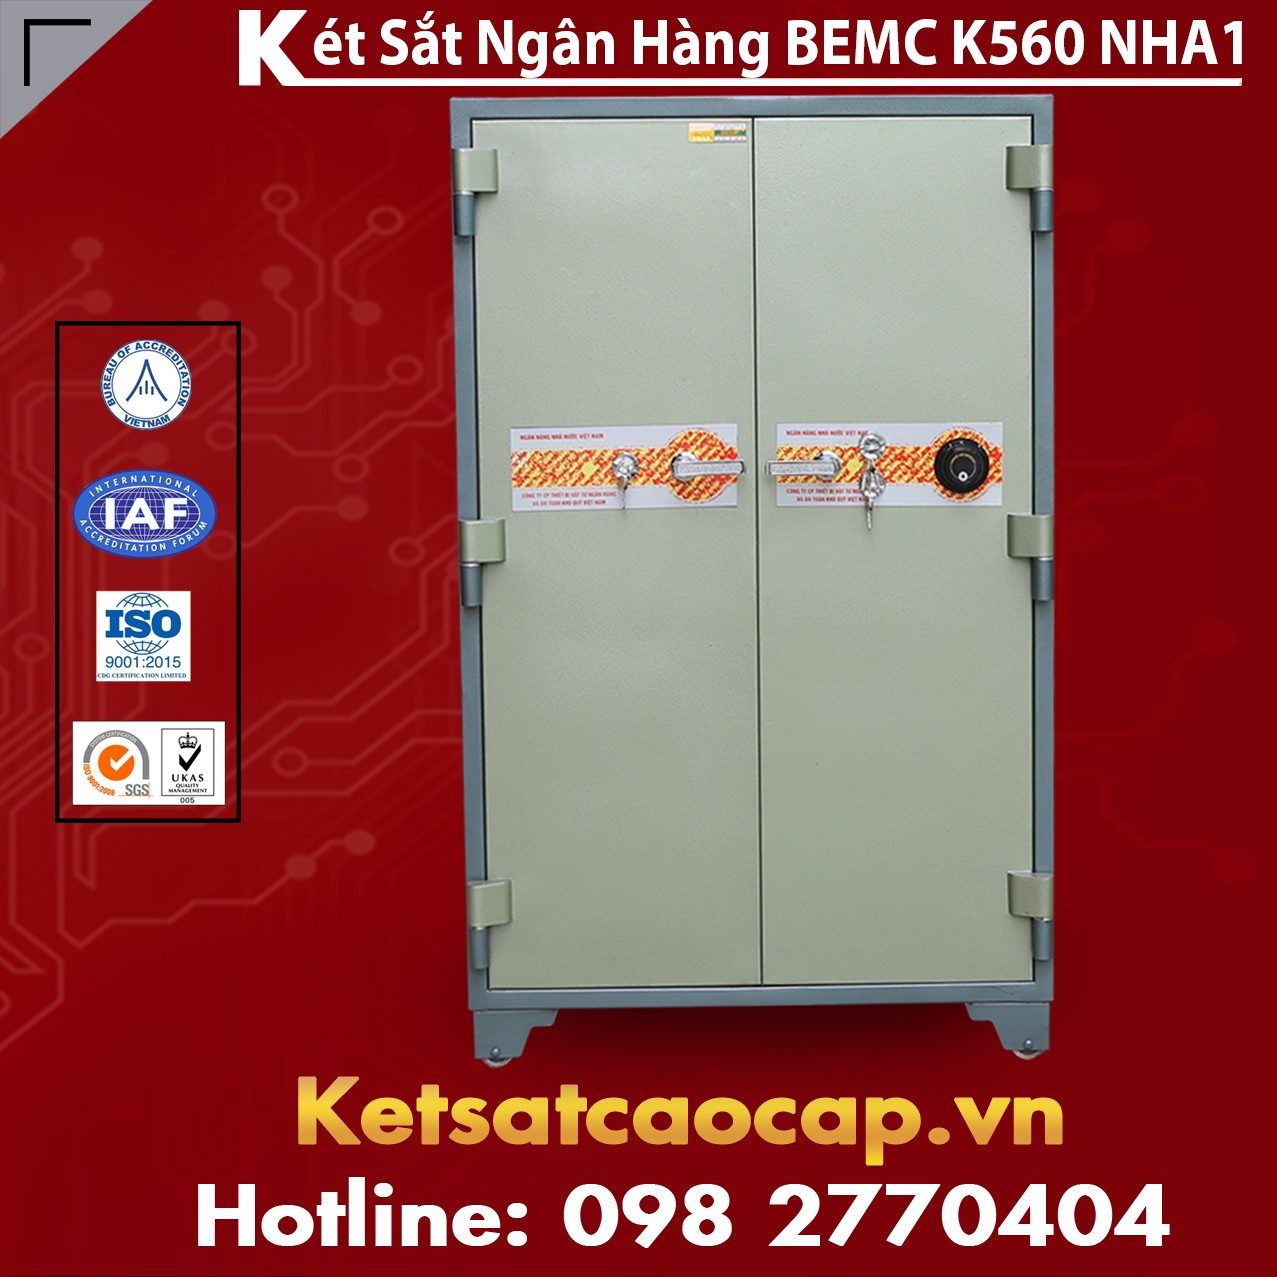 Két Sắt Ngân Hàng BEMC K560 NHA1 Top 1 Két Bạc Tiêu Chuẩn Xuất Mỹ